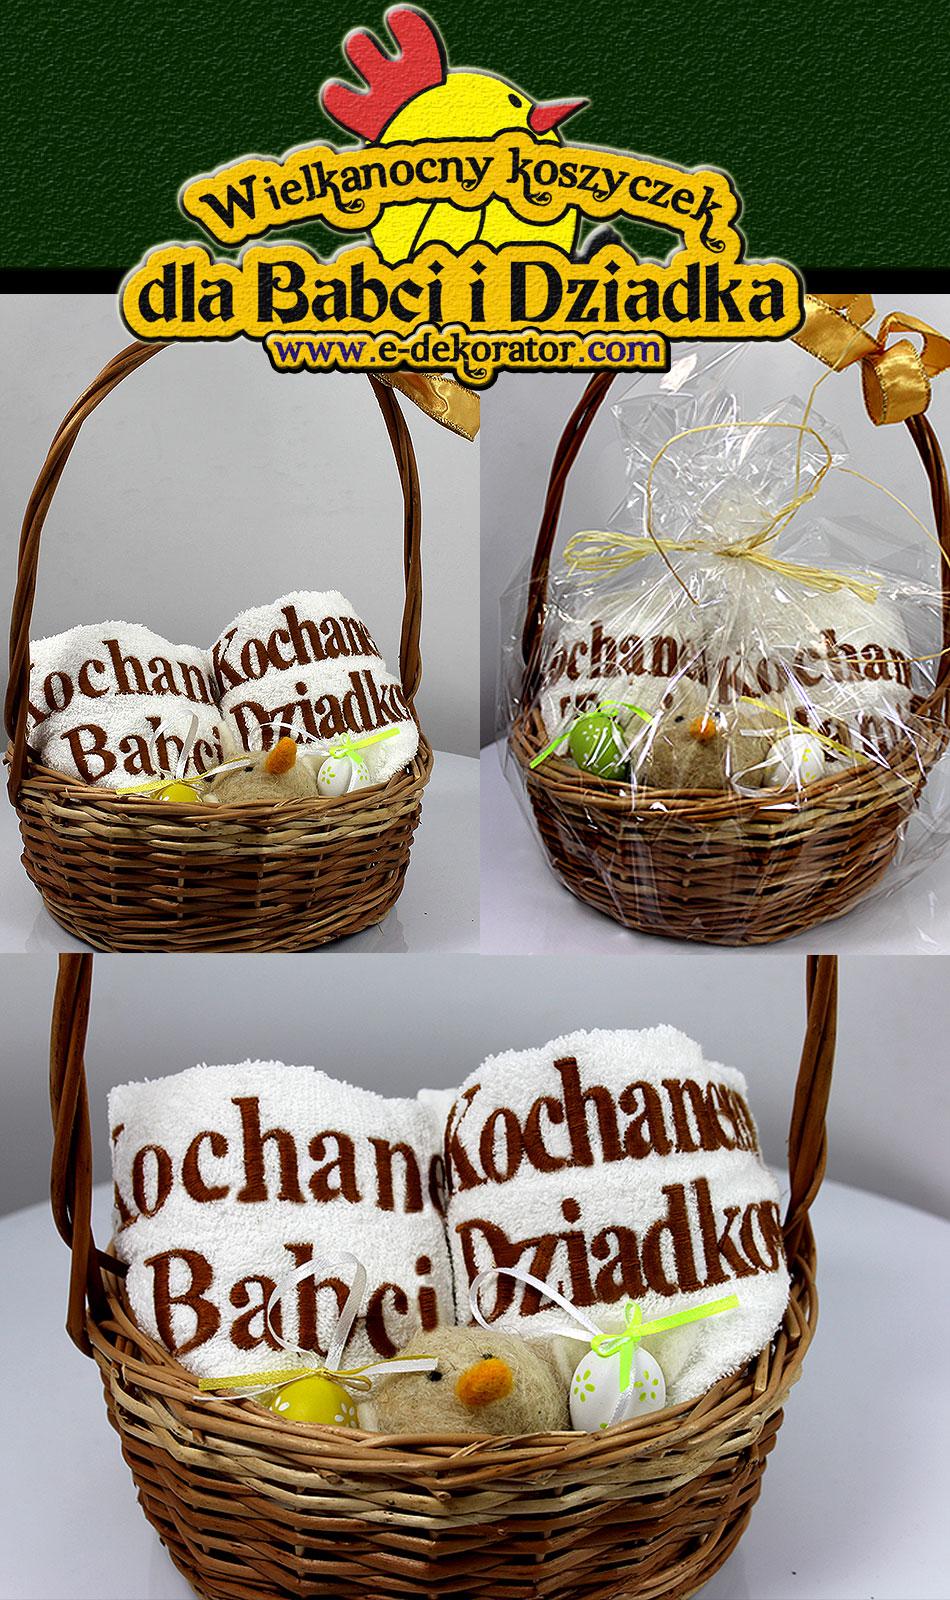 Wielkanocny Koszyk Dekoracyjny z ręcznikami dla Babci i Dziadka